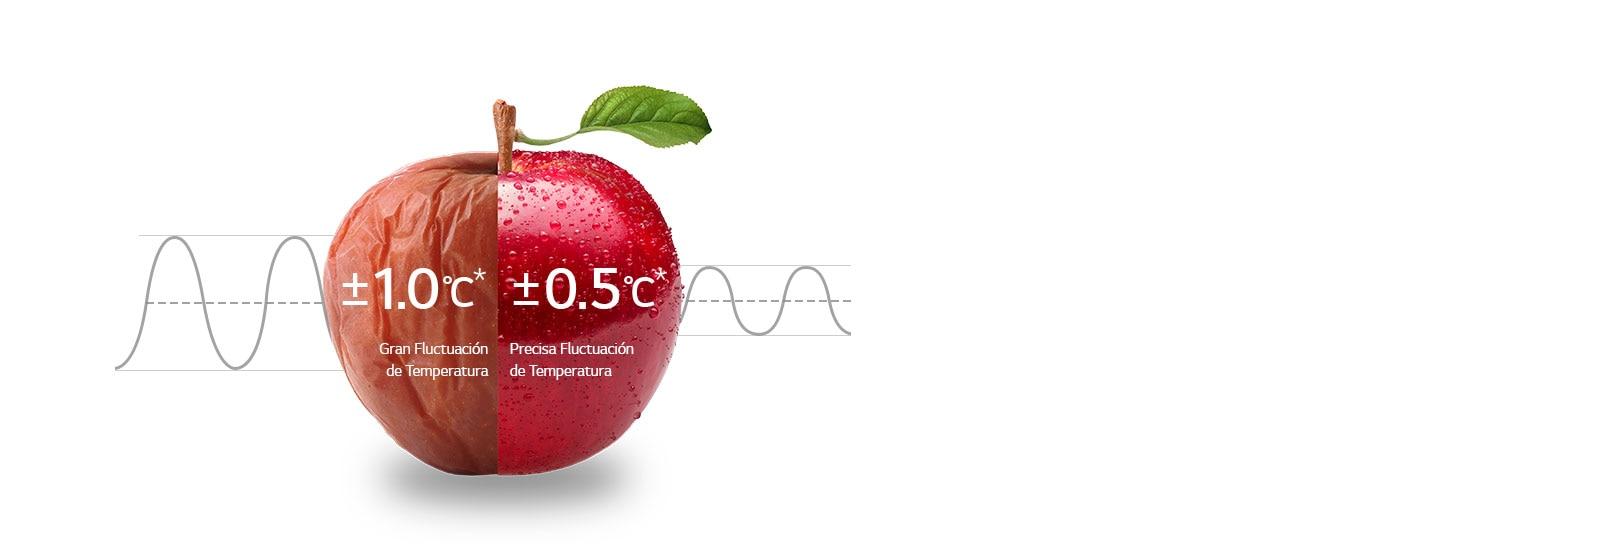 Refrigeración Uniforme 24 horas1